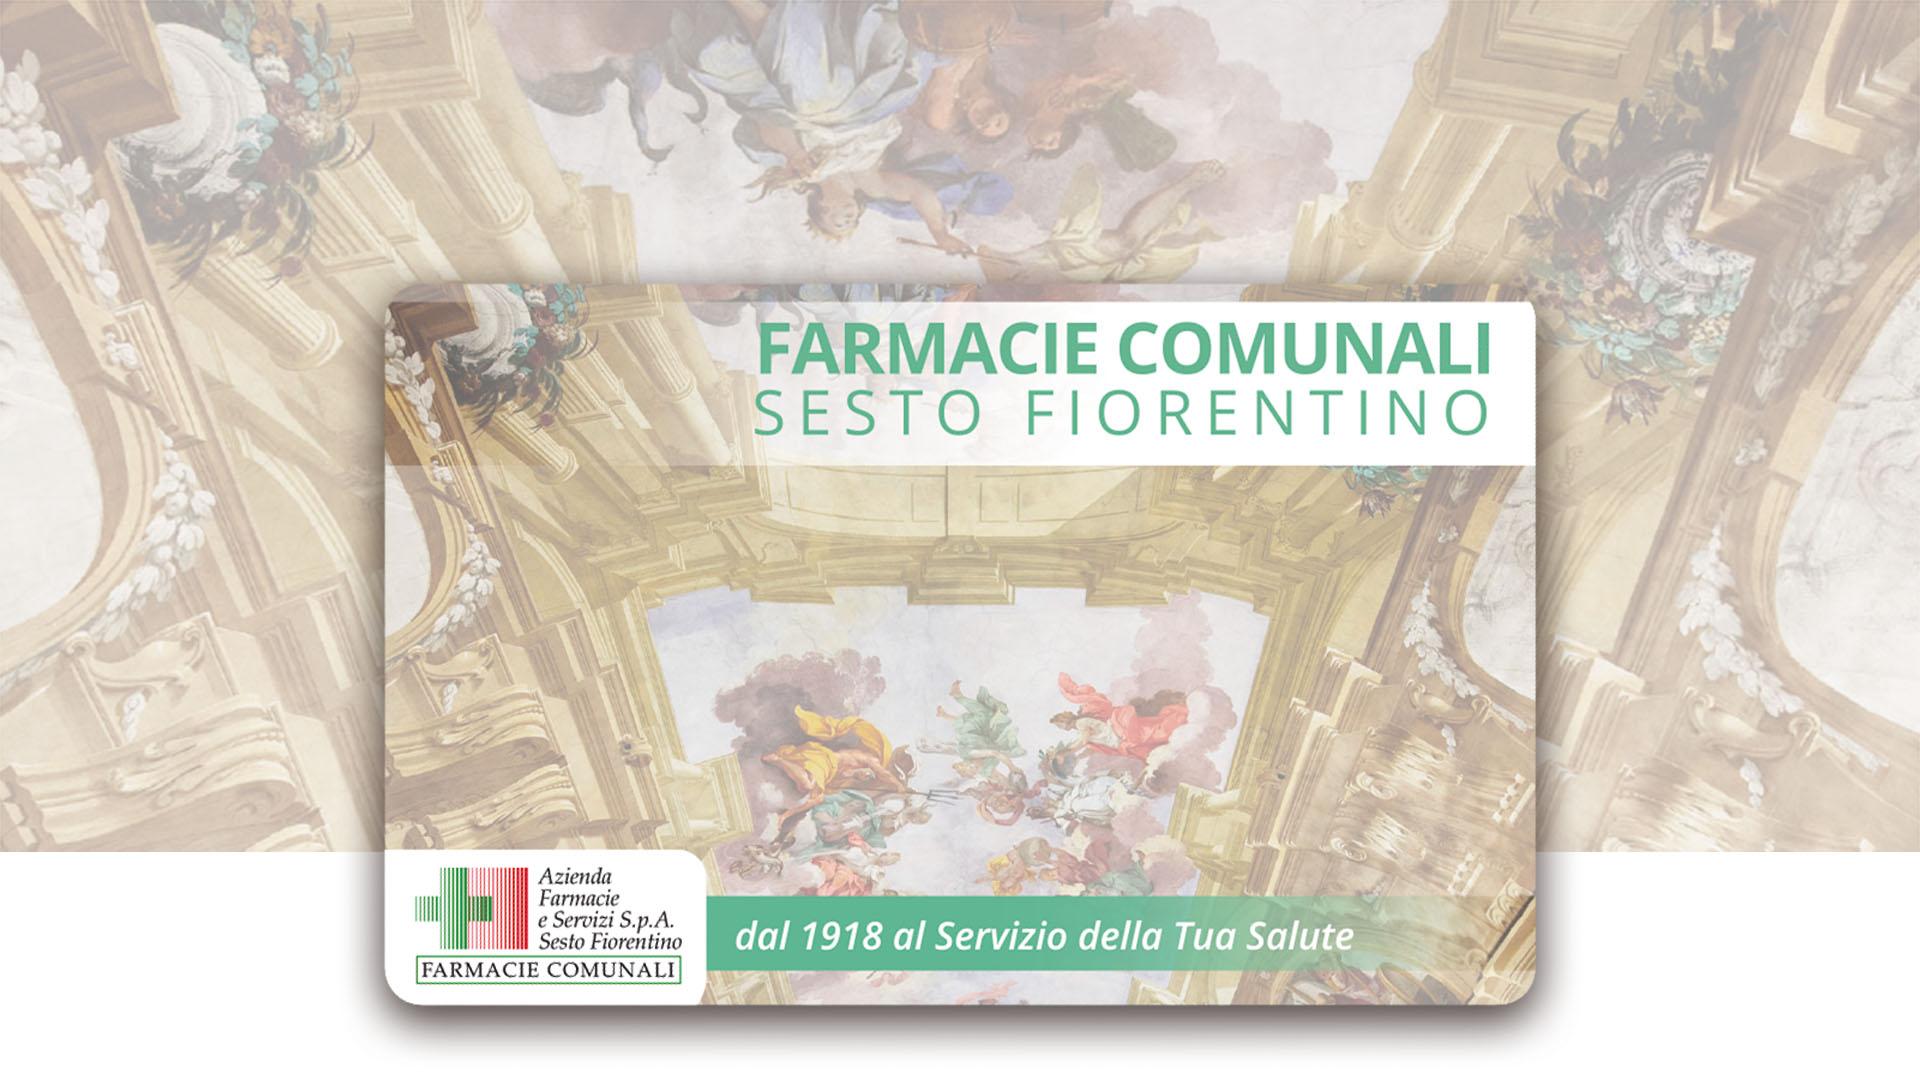 Arriva la Carta fedeltà delle Farmacie comunali di Sesto Fiorentino